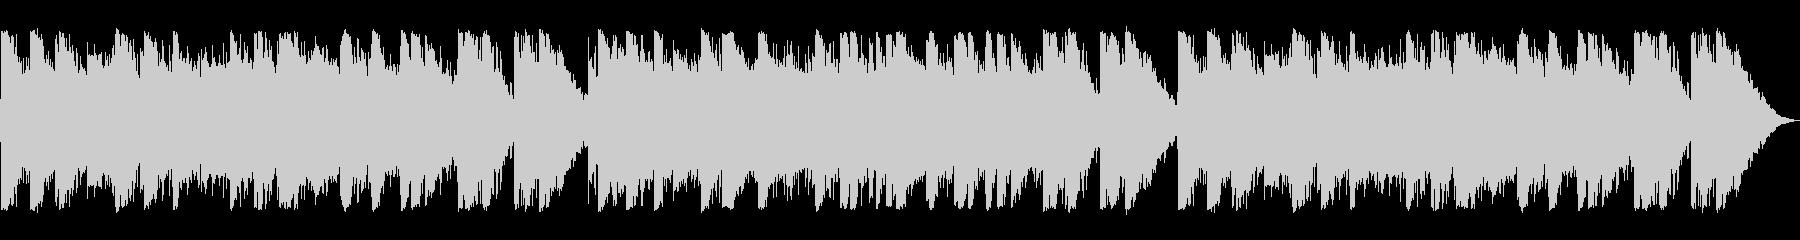 アンプラグド センチメンタル アク...の未再生の波形